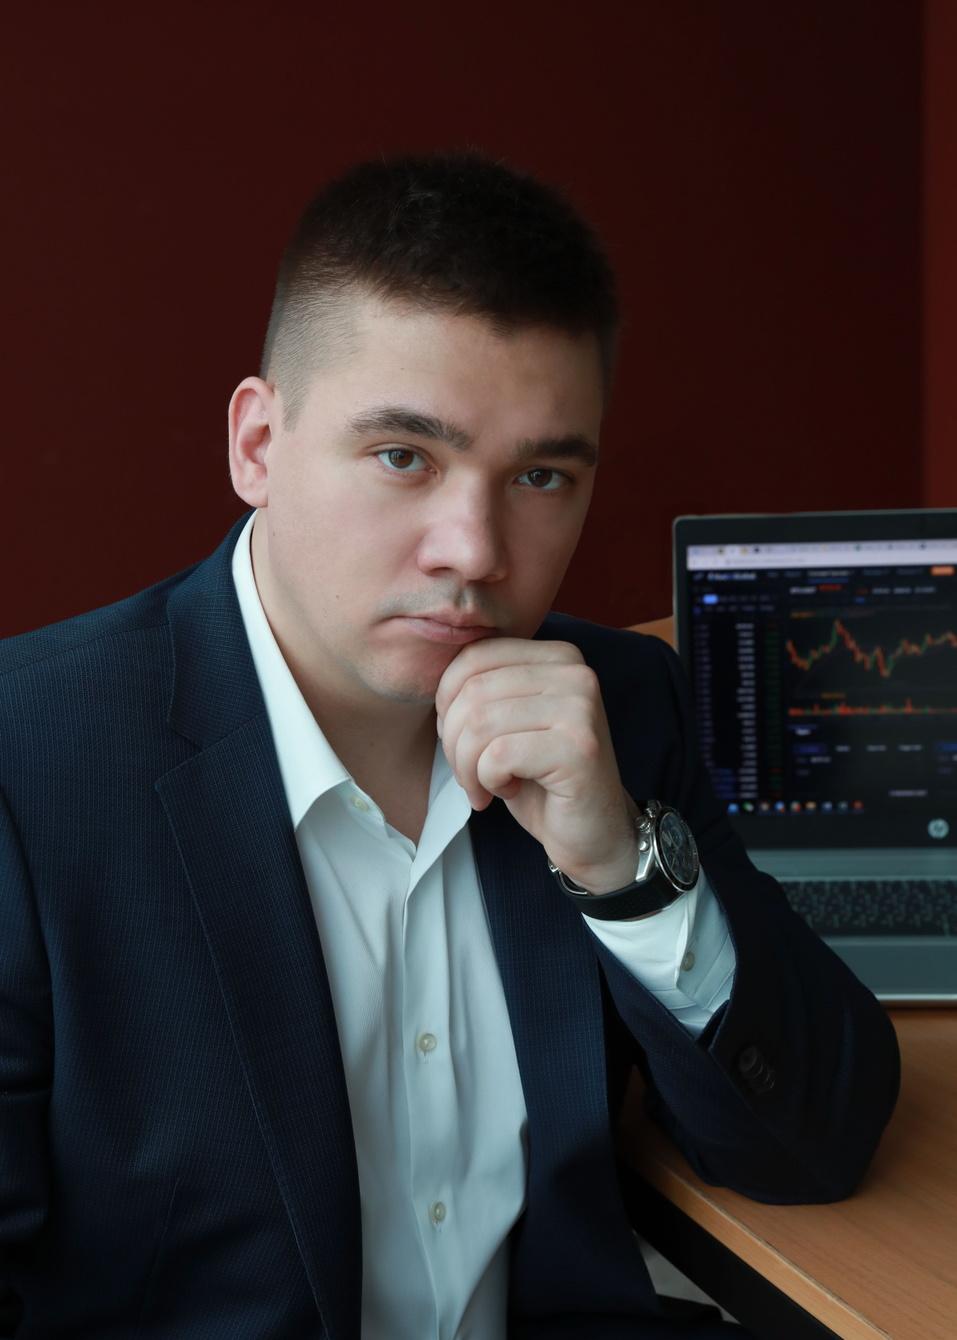 Дмитрий Антипин: «Инвесторы вкладываются в криптовалюту все охотнее» 2